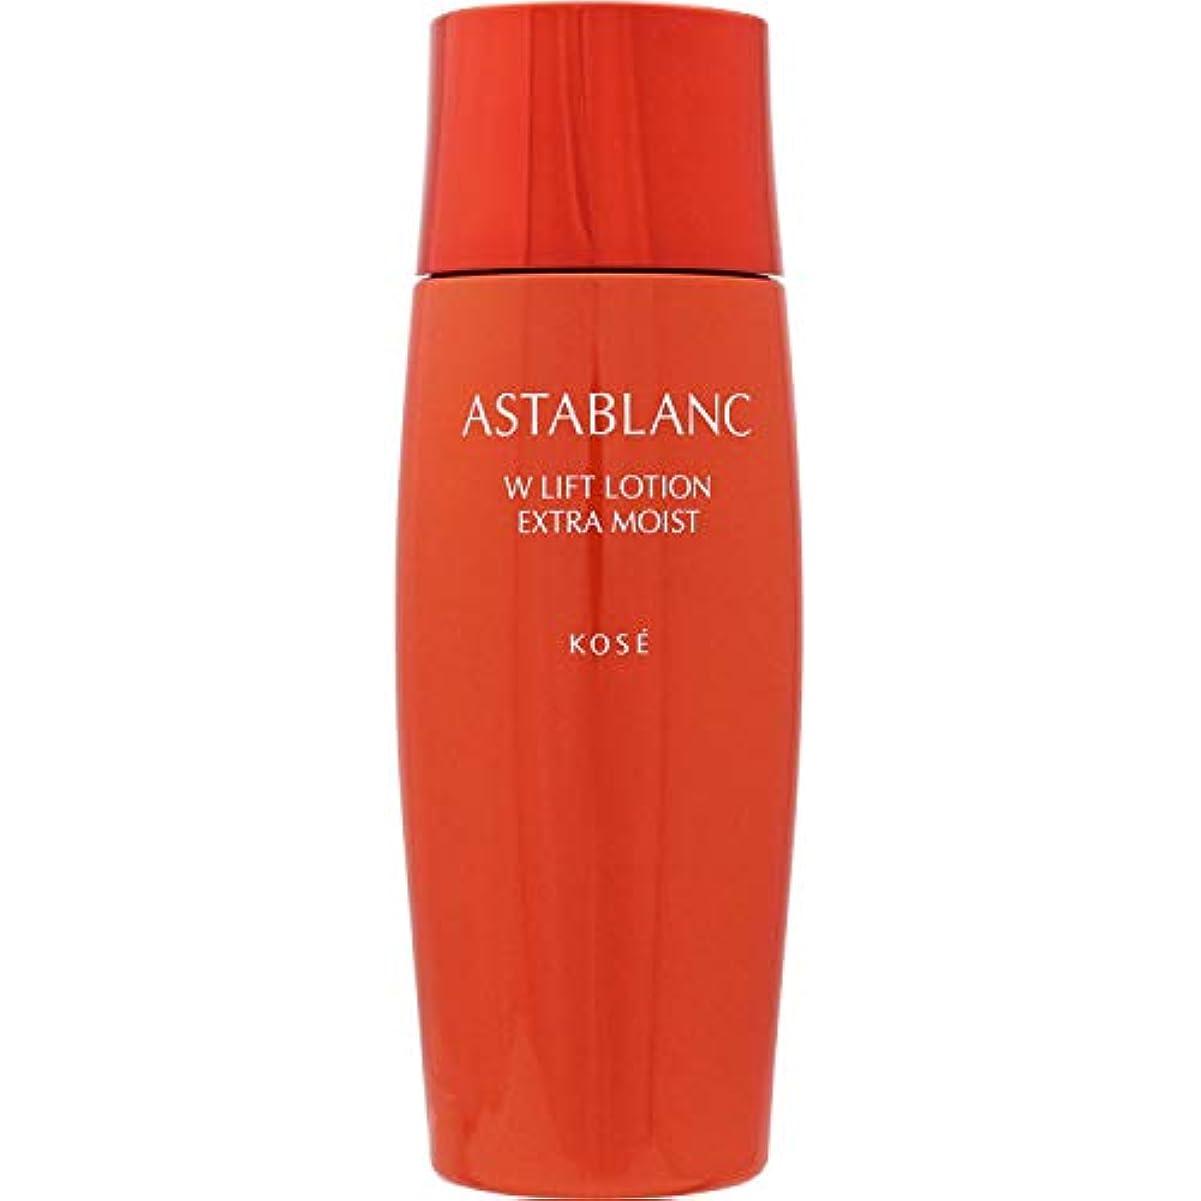 数学的なボリューム買い手ASTABLANC(アスタブラン) アスタブラン Wリフト ローション とてもしっとり 化粧水 140mL